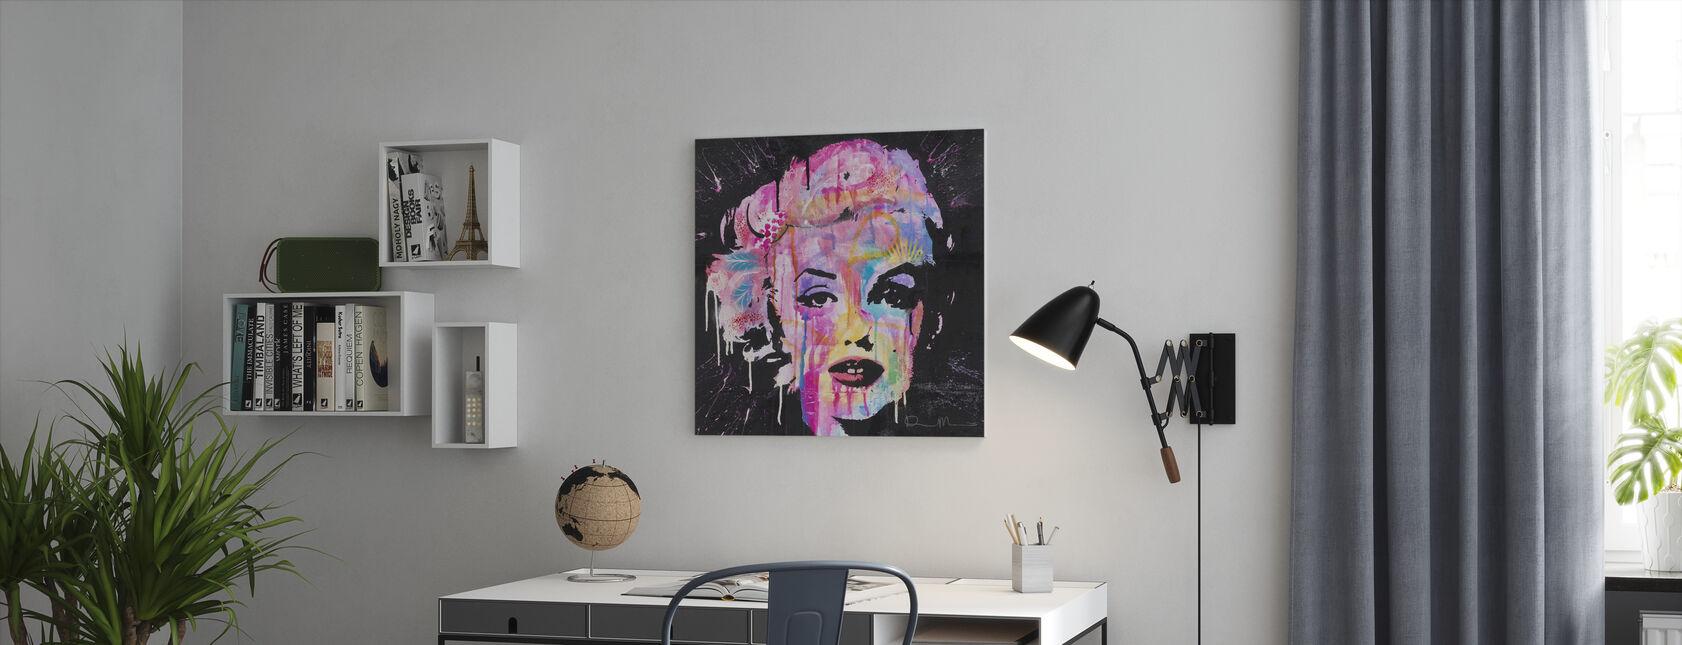 Marilyn - Canvastaulu - Toimisto